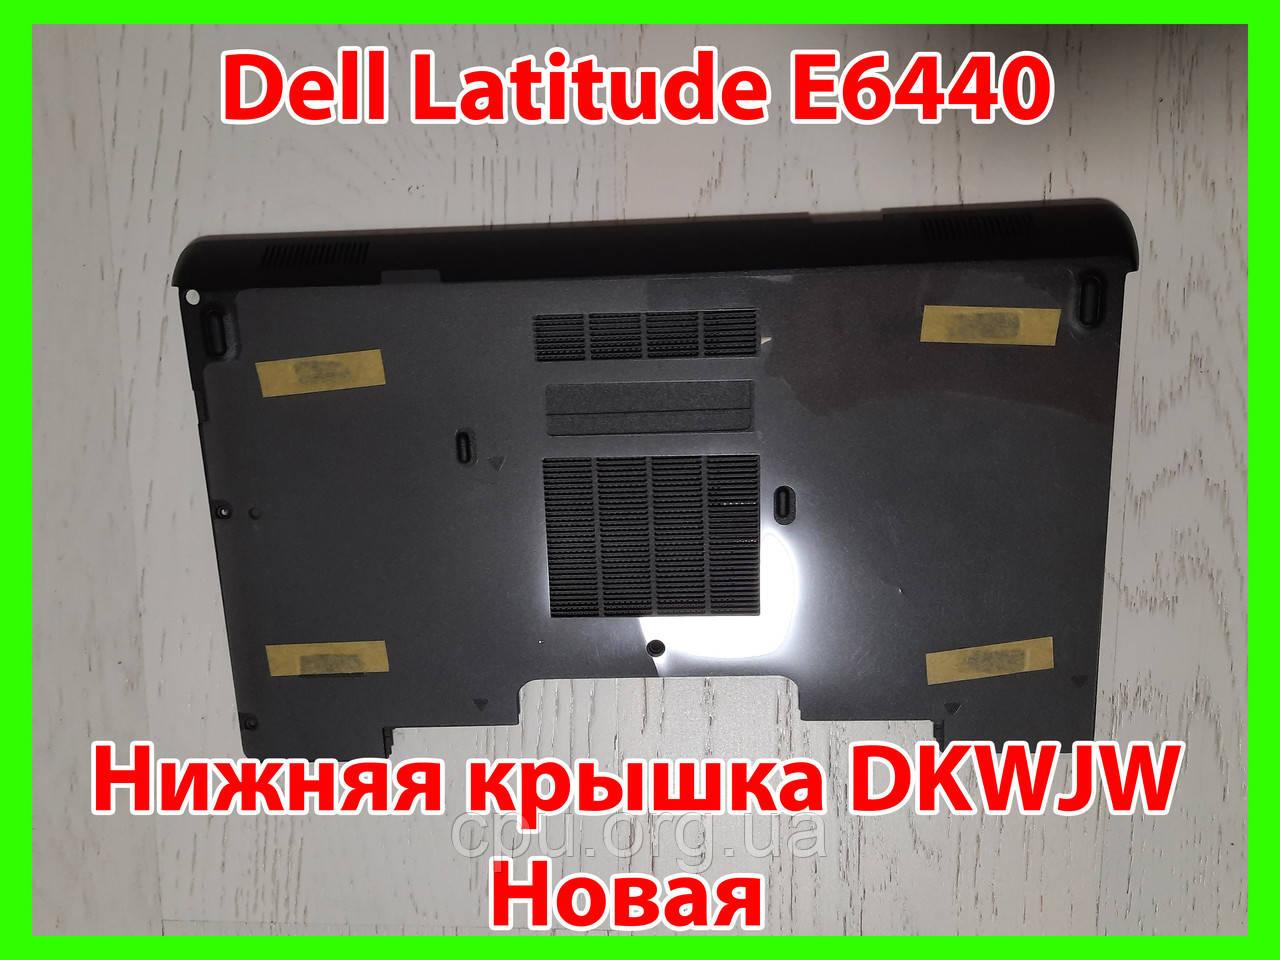 Новая нижняя крышка Dell Latitude E6440 Bottom Access Panel Door Cover DKWJW 0DKWJW